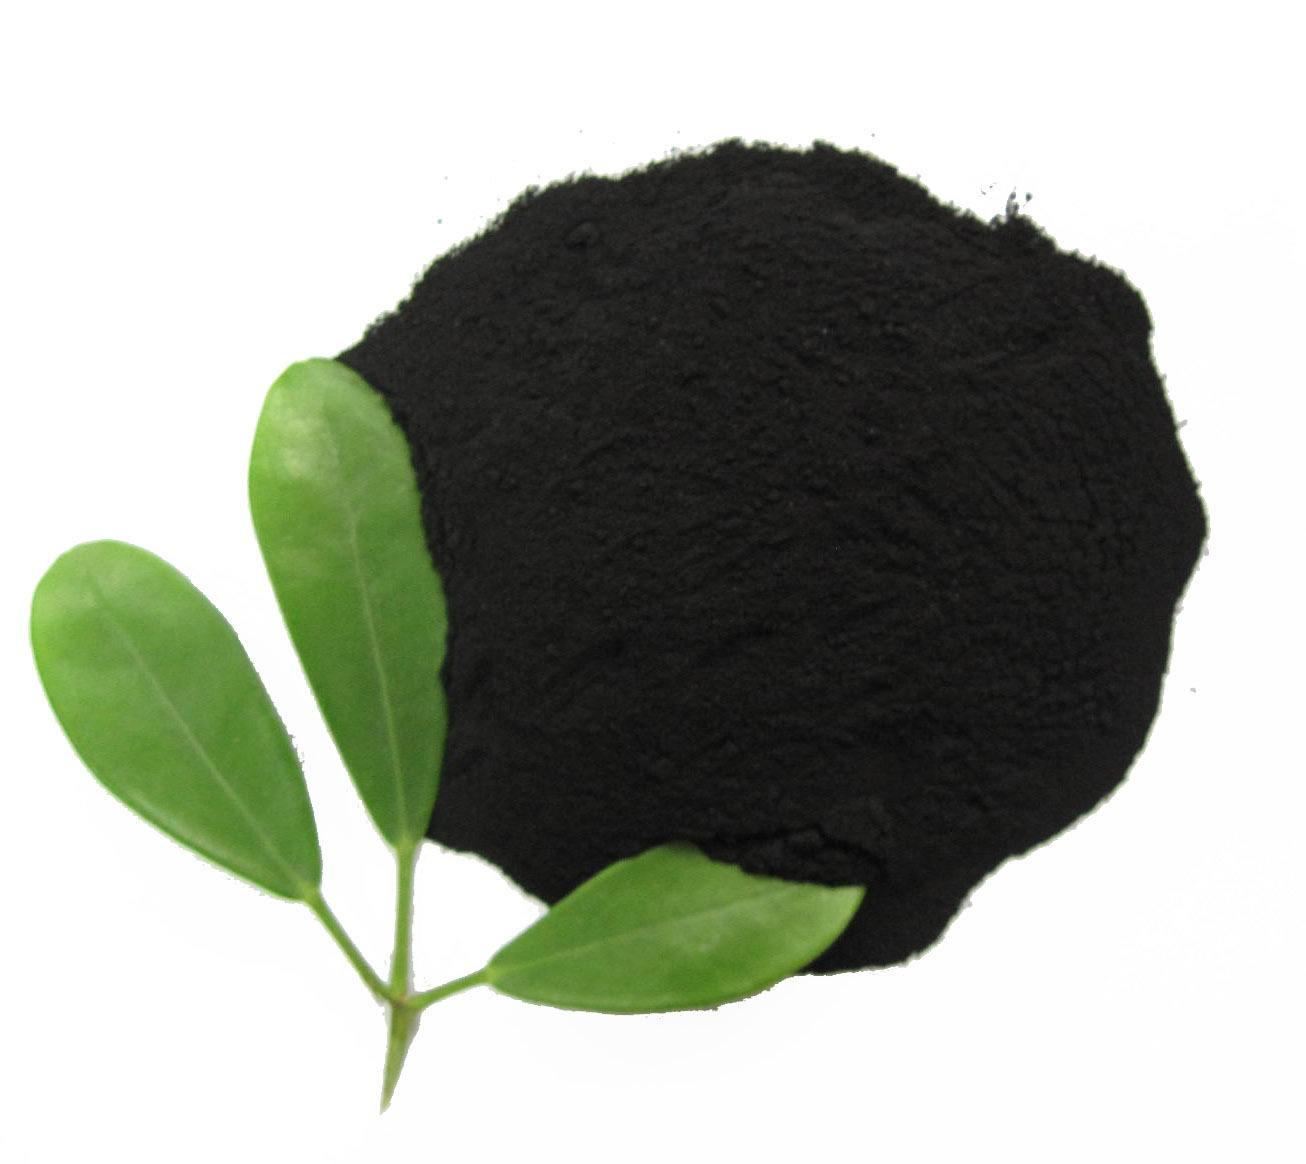 【山西腐植酸】山西腐植酸 山西腐植酸出产厂家 增进农作物发展